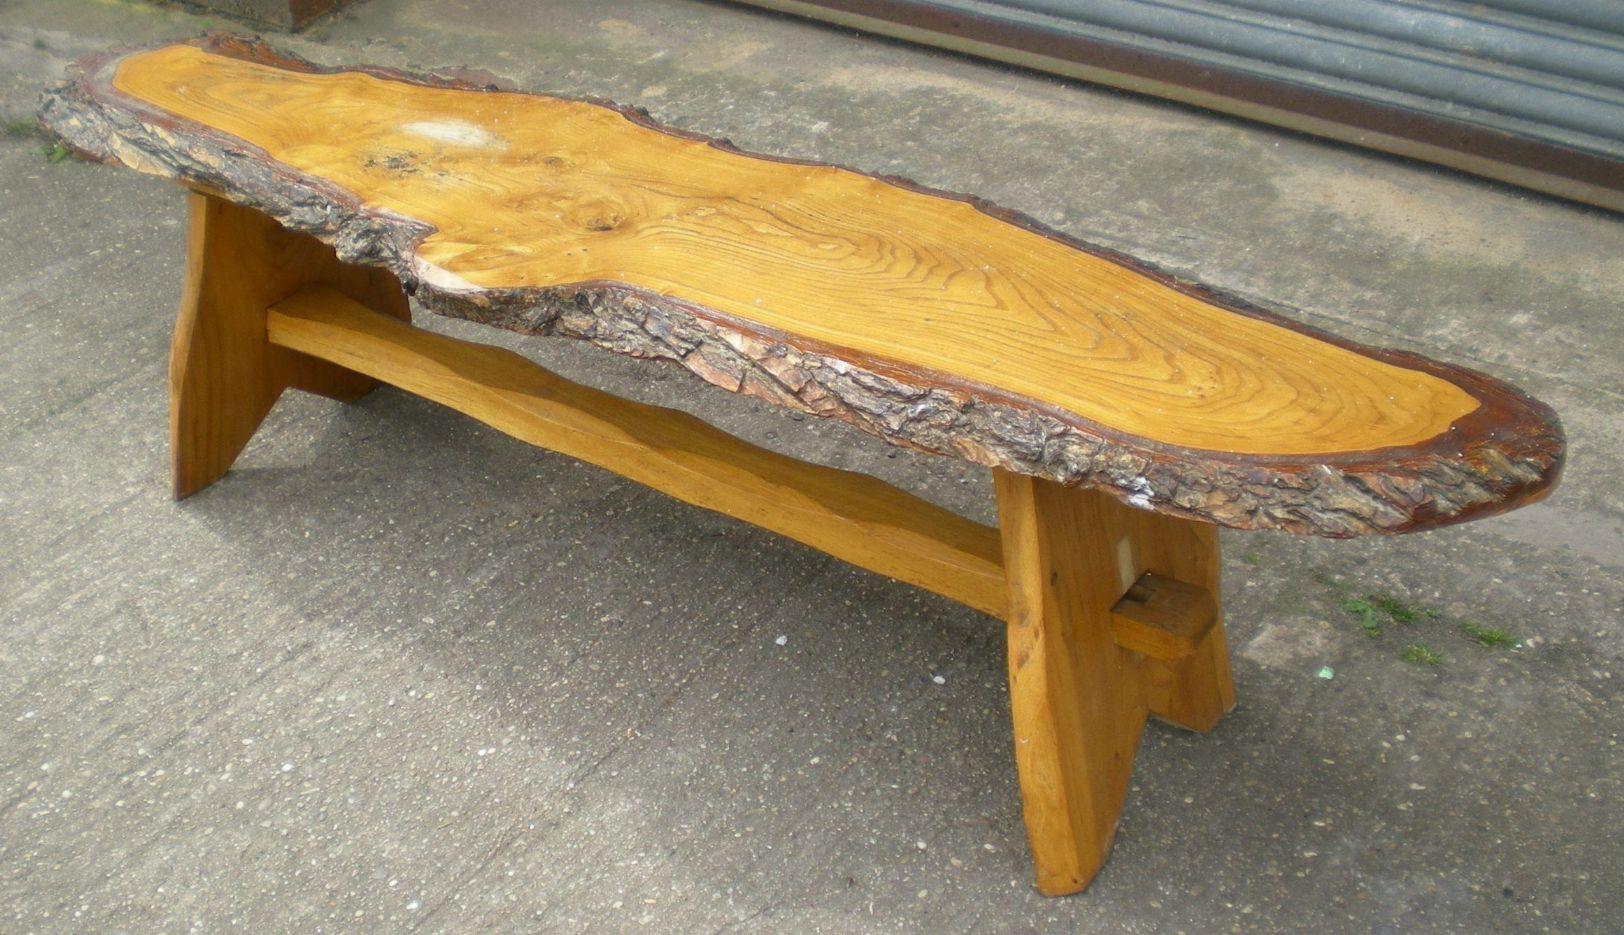 Rustic log table rustic look long log style coffee table this rustic log table rustic look long log style coffee table geotapseo Choice Image